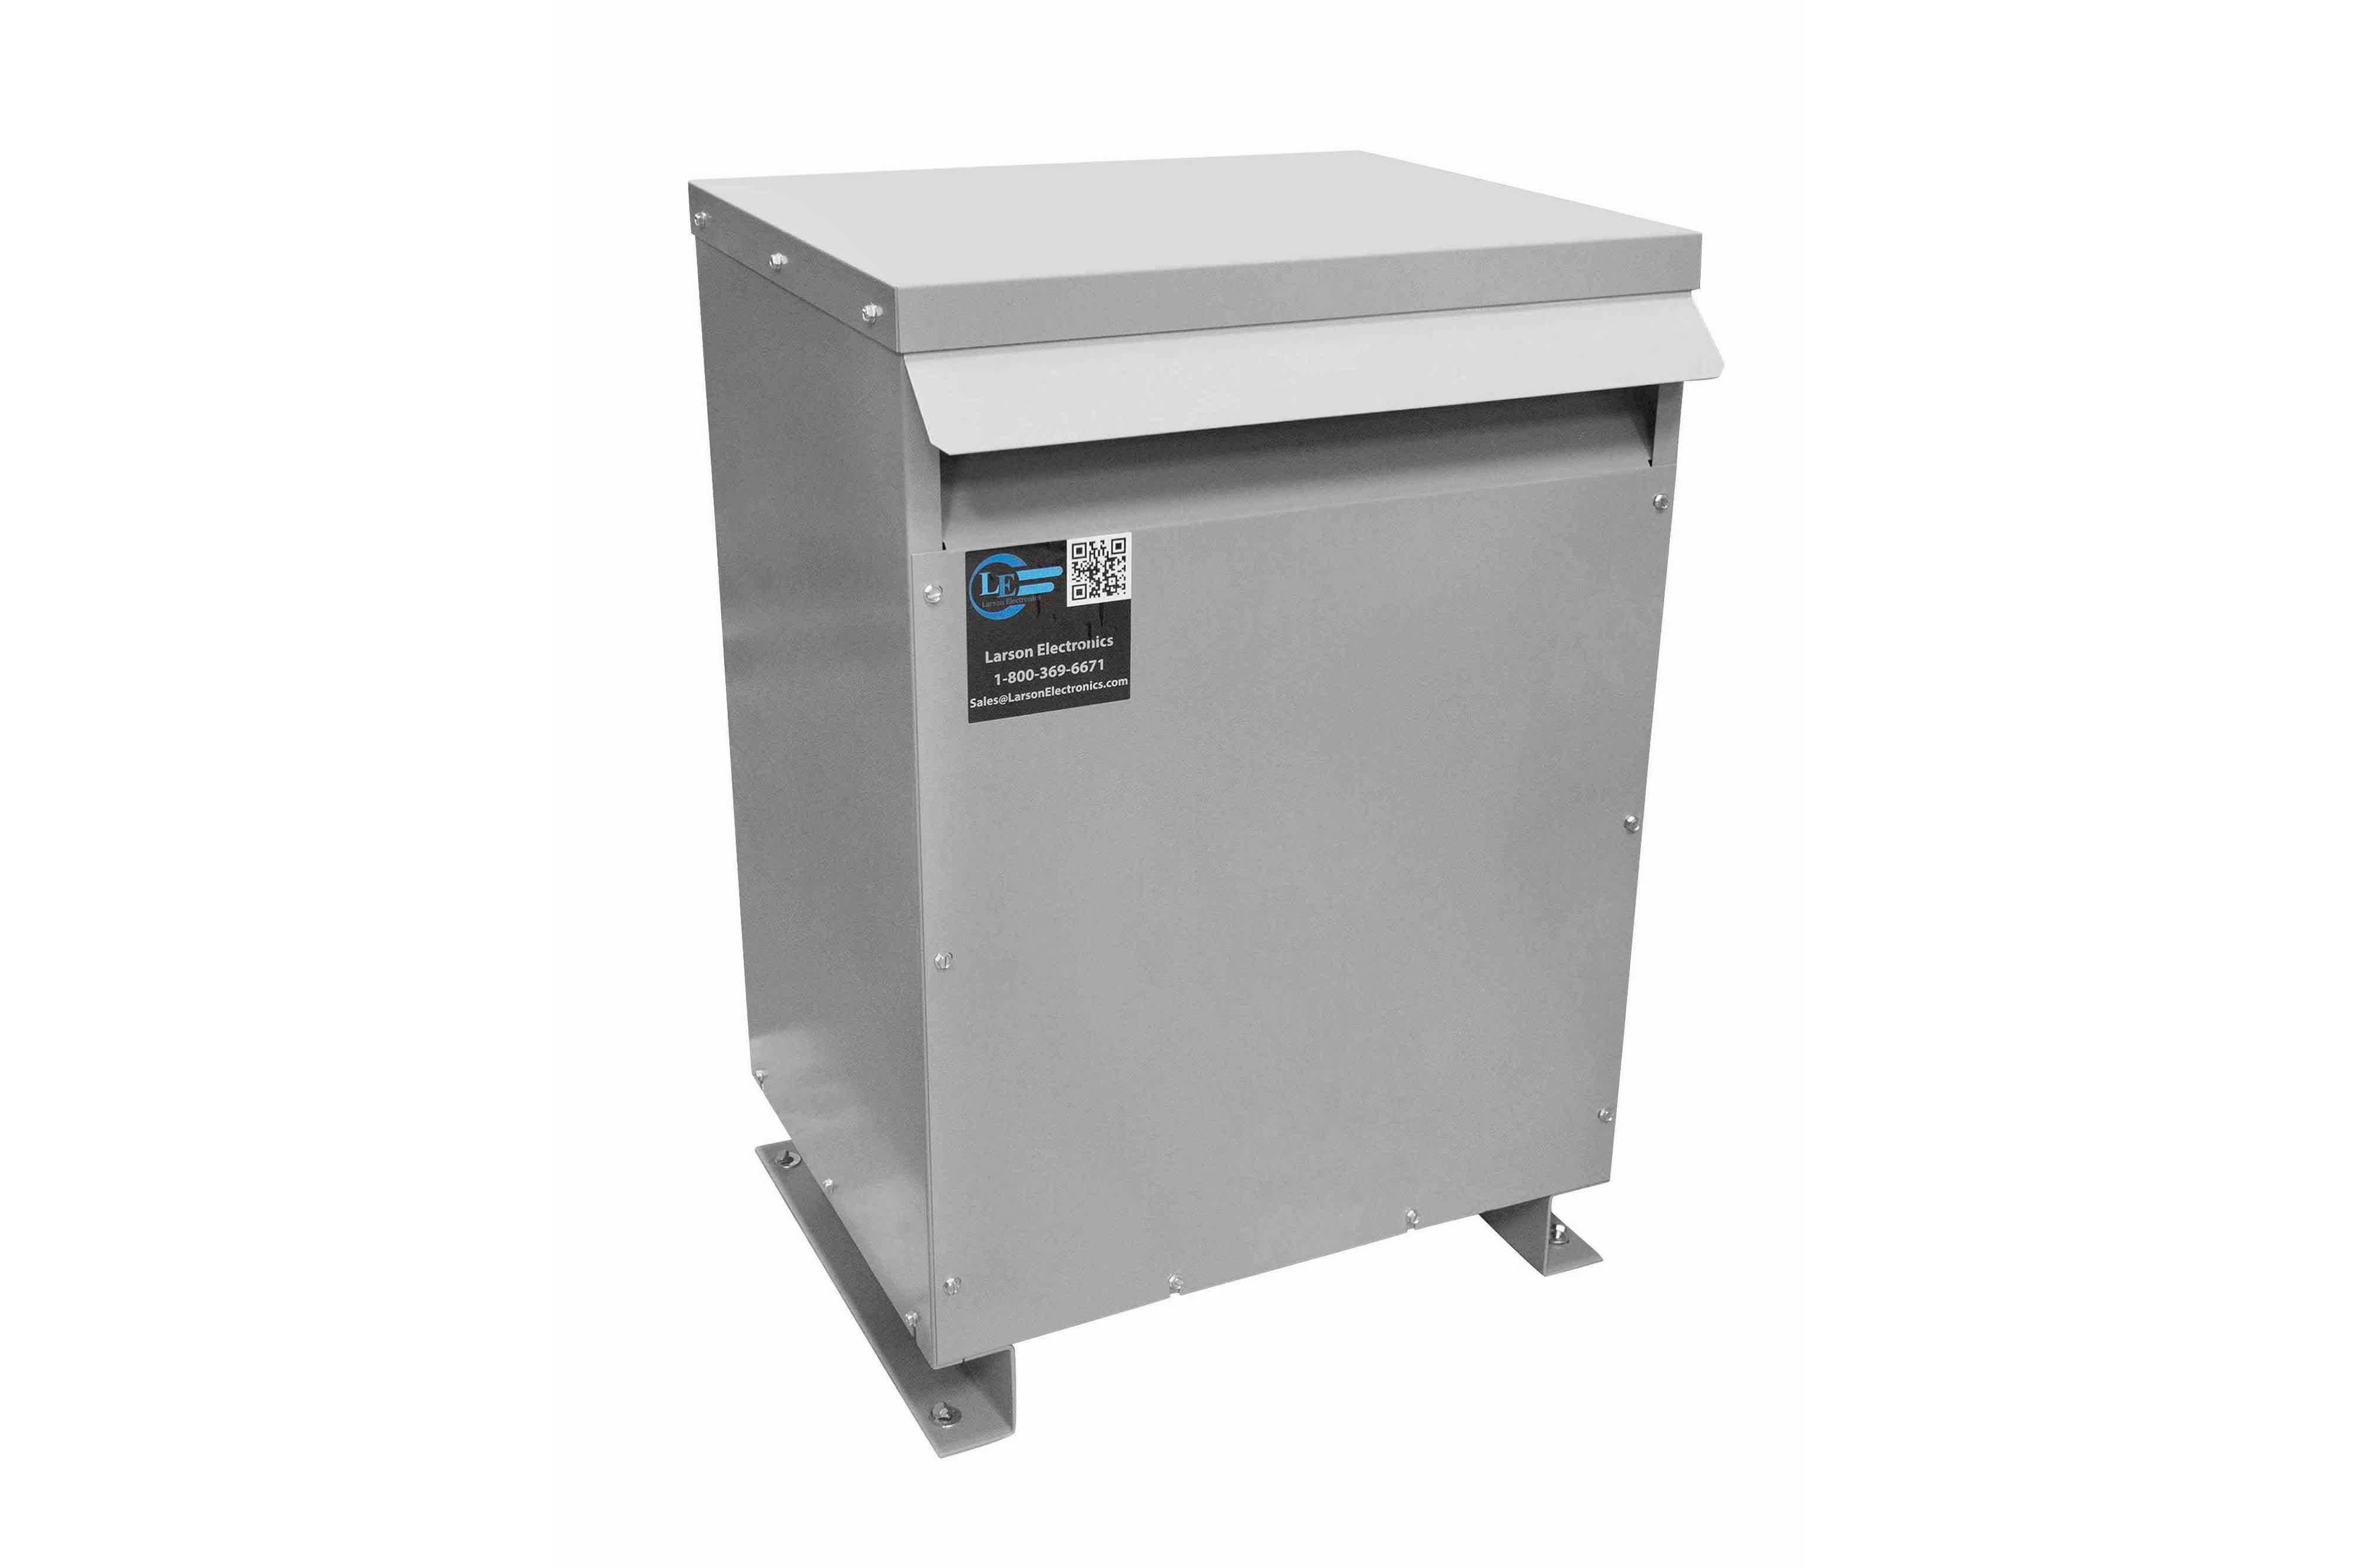 9 kVA 3PH Isolation Transformer, 220V Delta Primary, 208V Delta Secondary, N3R, Ventilated, 60 Hz